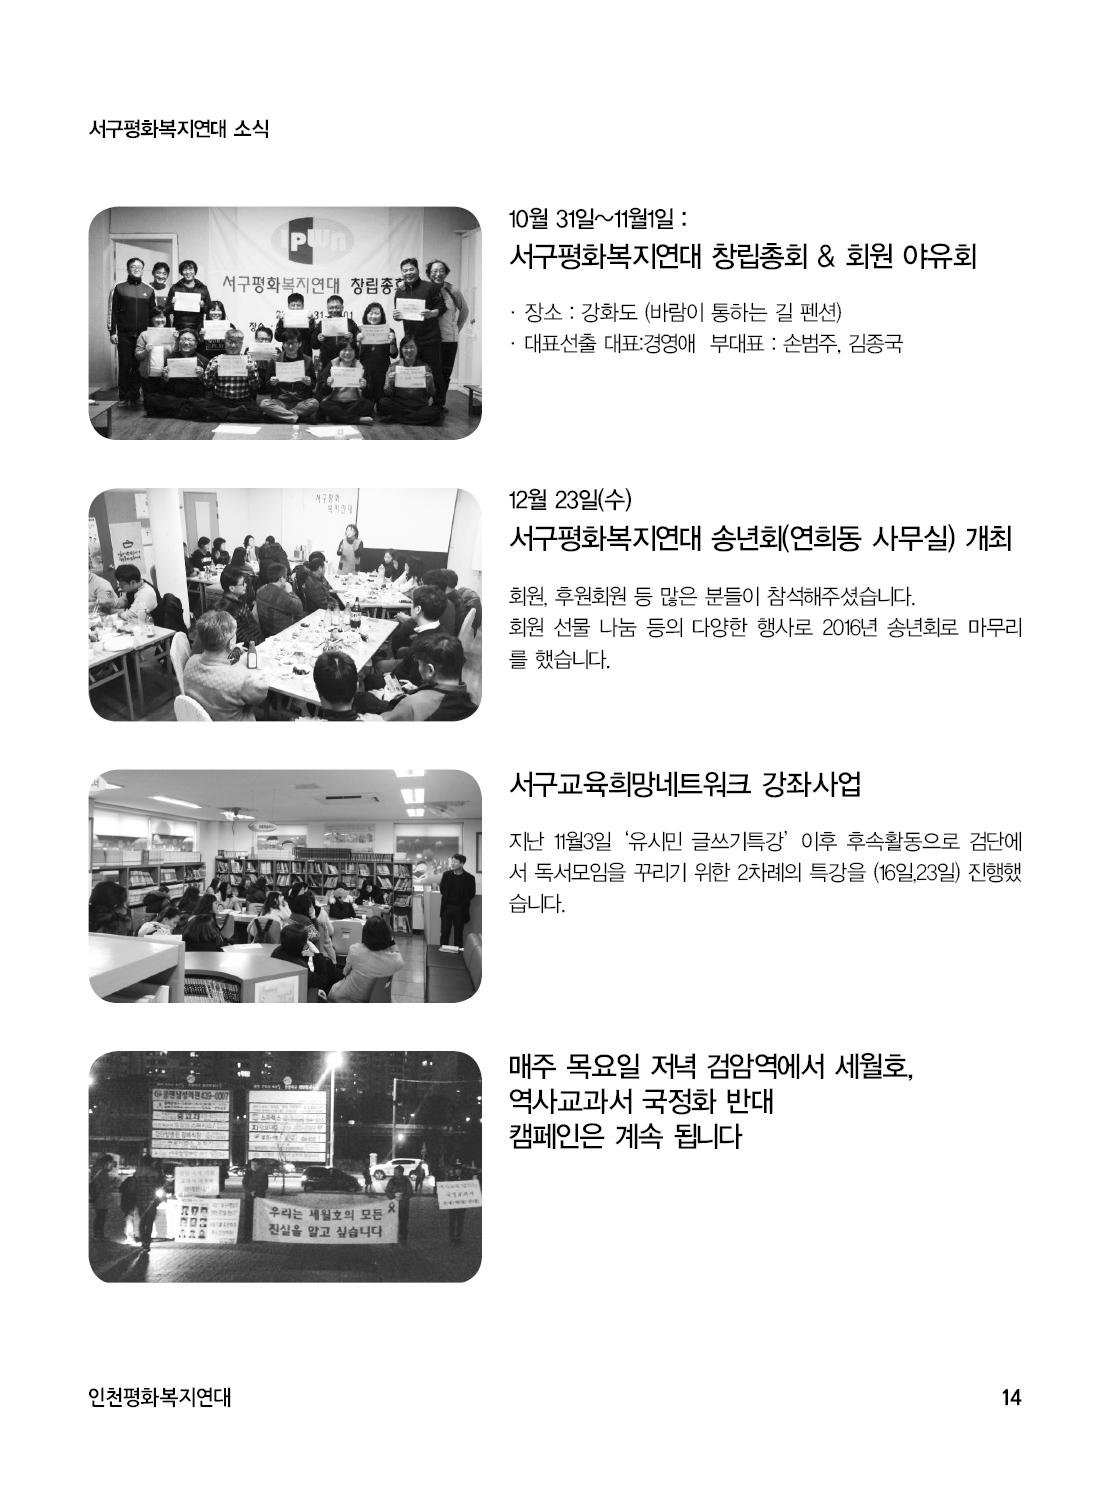 아웃라인 인천평화복지연대 창간준비2호14.jpg